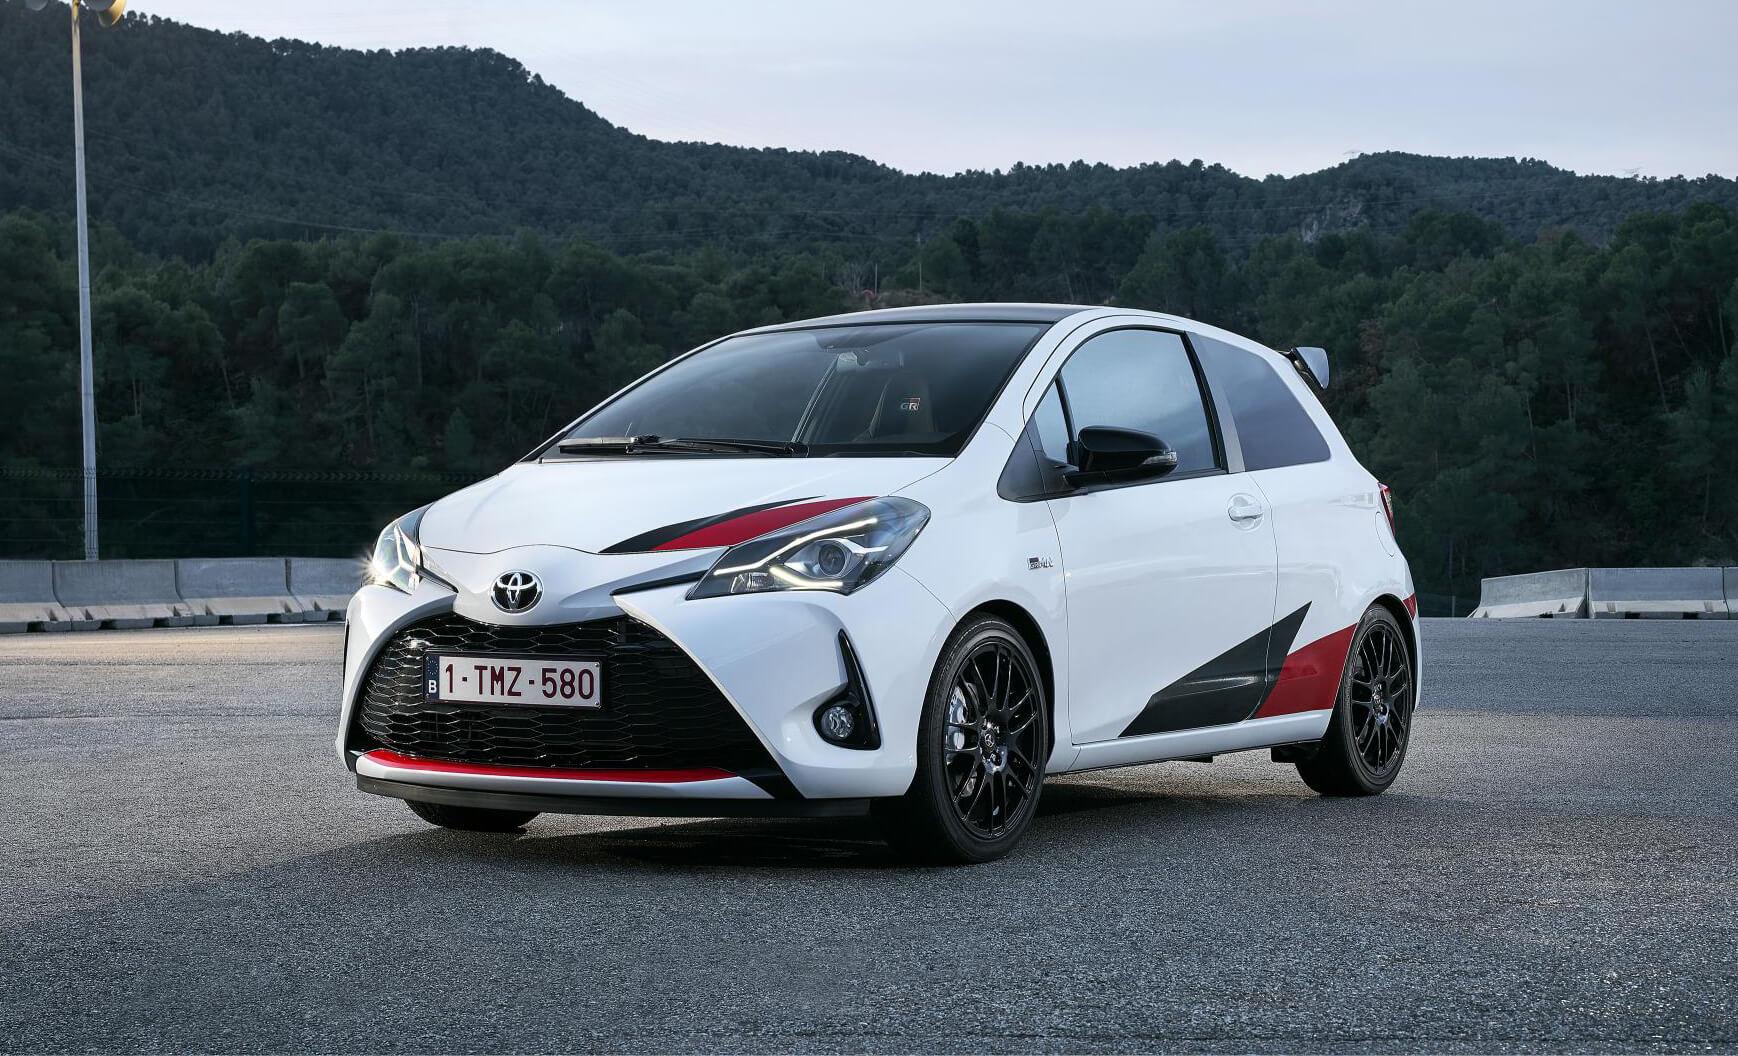 Toyota Yaris GRMN: siempre hay sitio para un utilitario radical